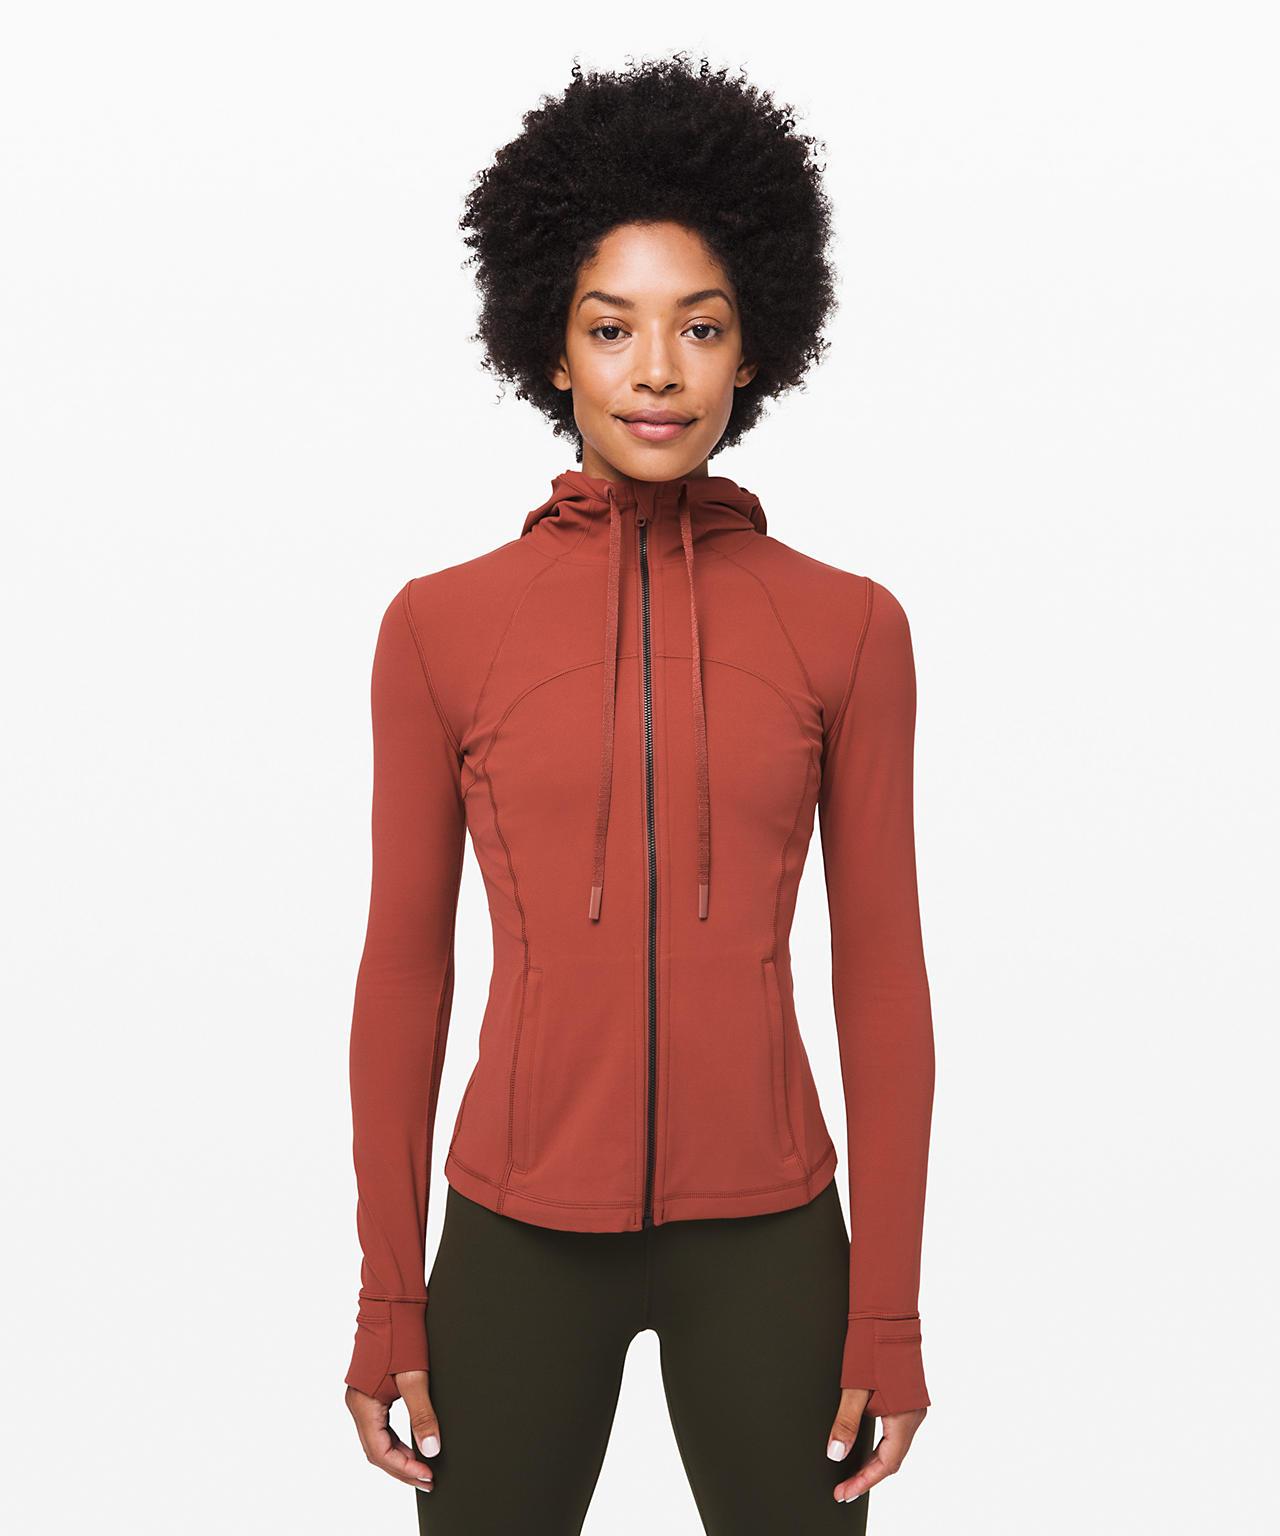 Hooded Define Jacket, Lululemon Upload